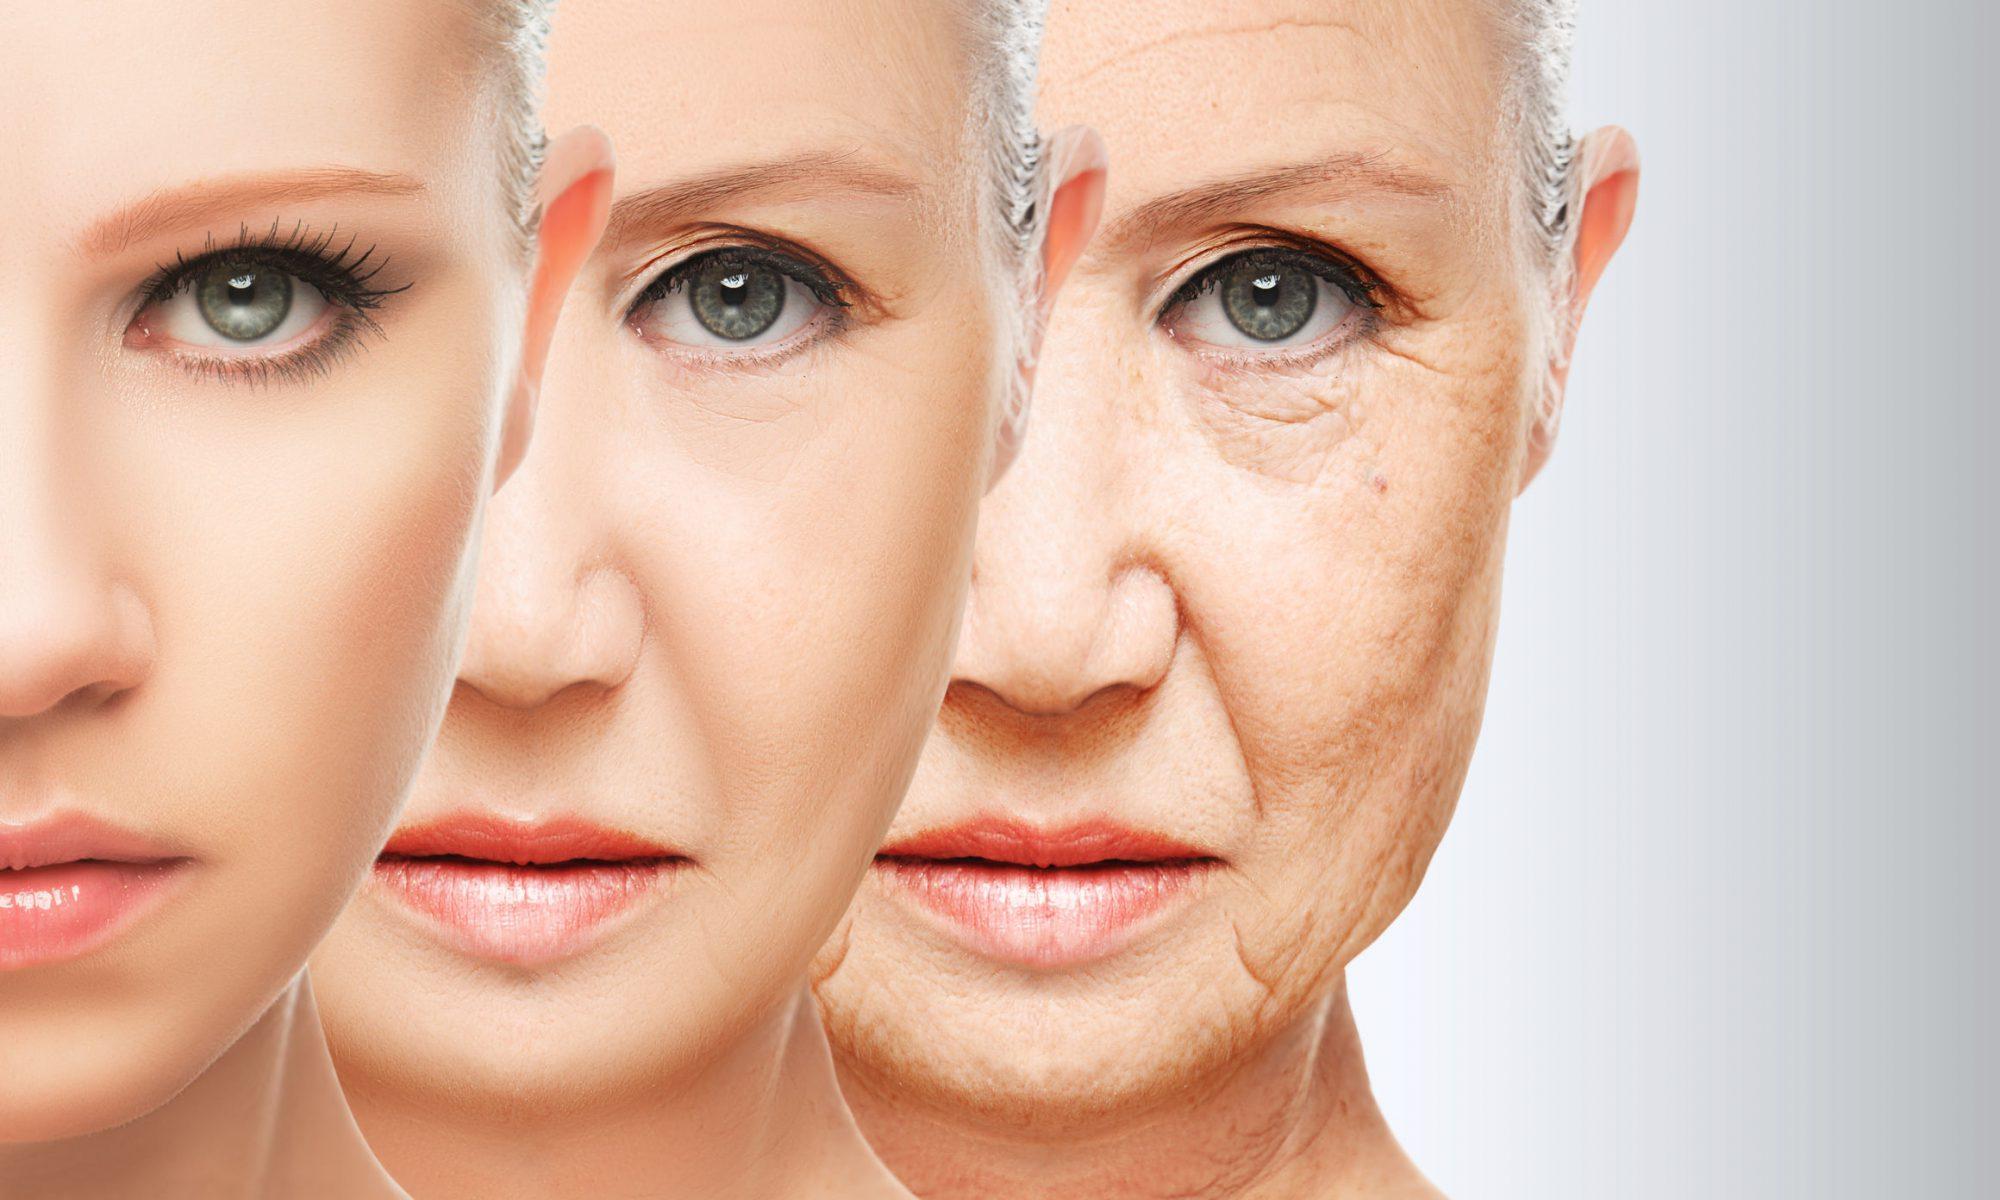 Skin ageing Banbury, Skin ageing Buckinghamshire, Skin ageing Daventry, Skin ageing Leamington Spa, Skin ageing Leicestershire, Skin ageing Milton Keynes, Skin ageing Northampton, Skin ageing Northamptonshire, Skin ageing Rugby, Skin ageing Towcester, Skin ageing Warwickshire